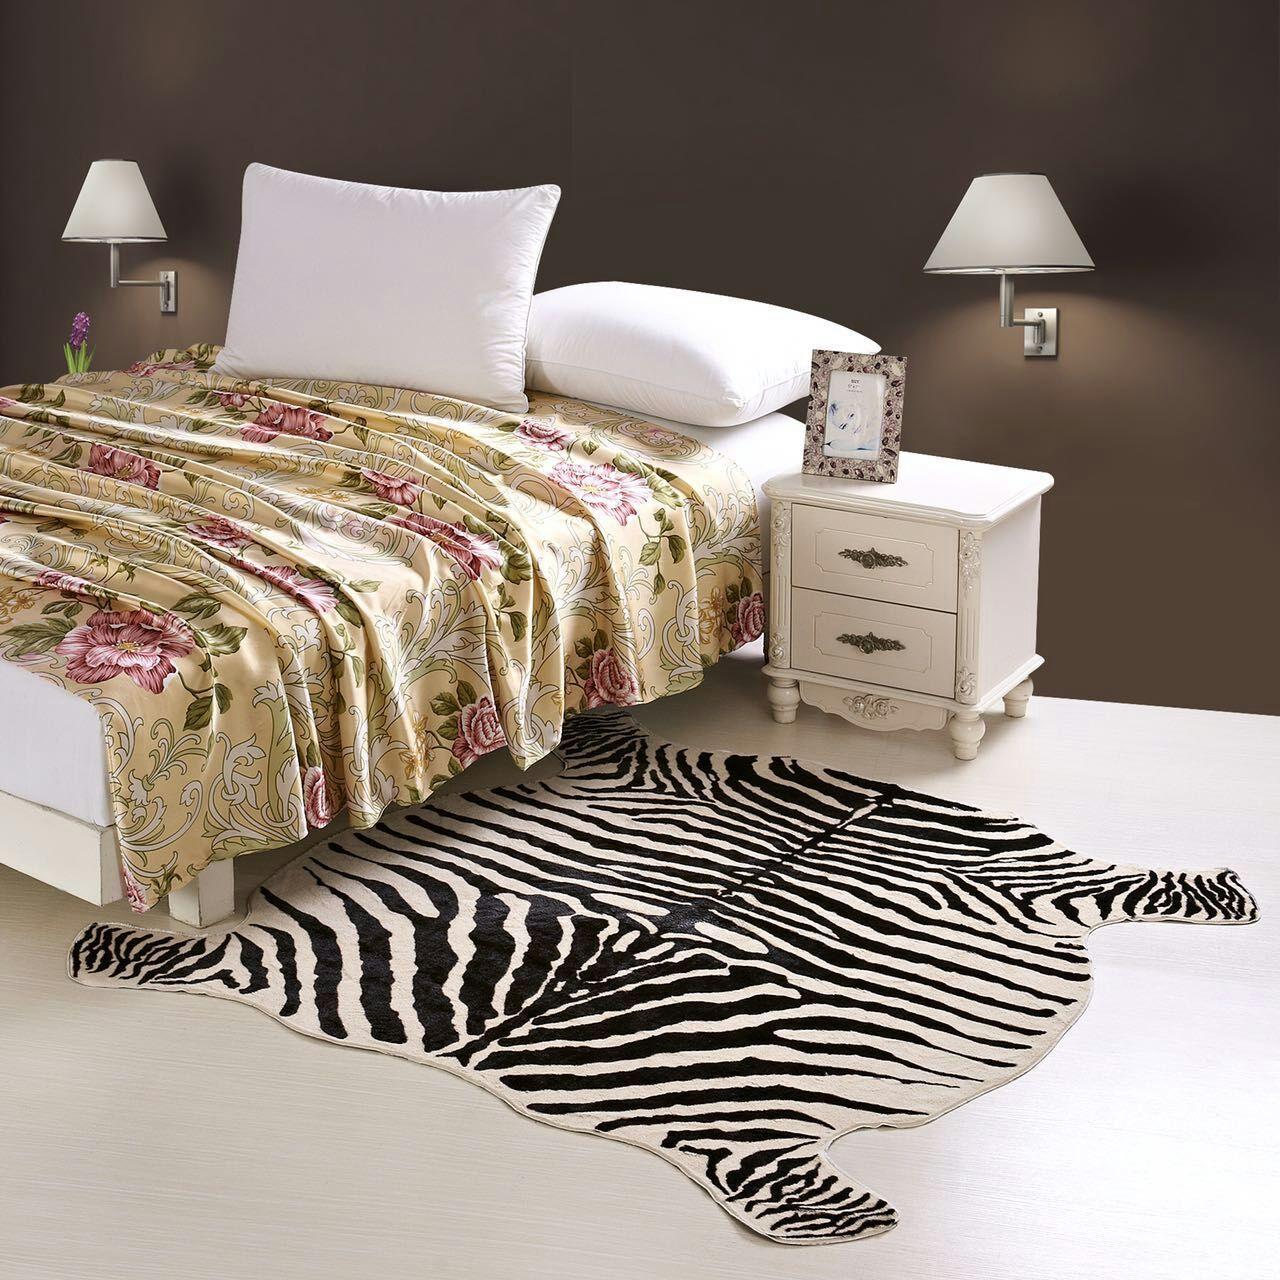 Sapi / Zebra Karpet dan Karpet Gaya Koboi Hewan Kulit Imitasi Kulit Sapi Rumah Kamar Tidur Ruang Tamu Dekorasi Kreatif Tikar